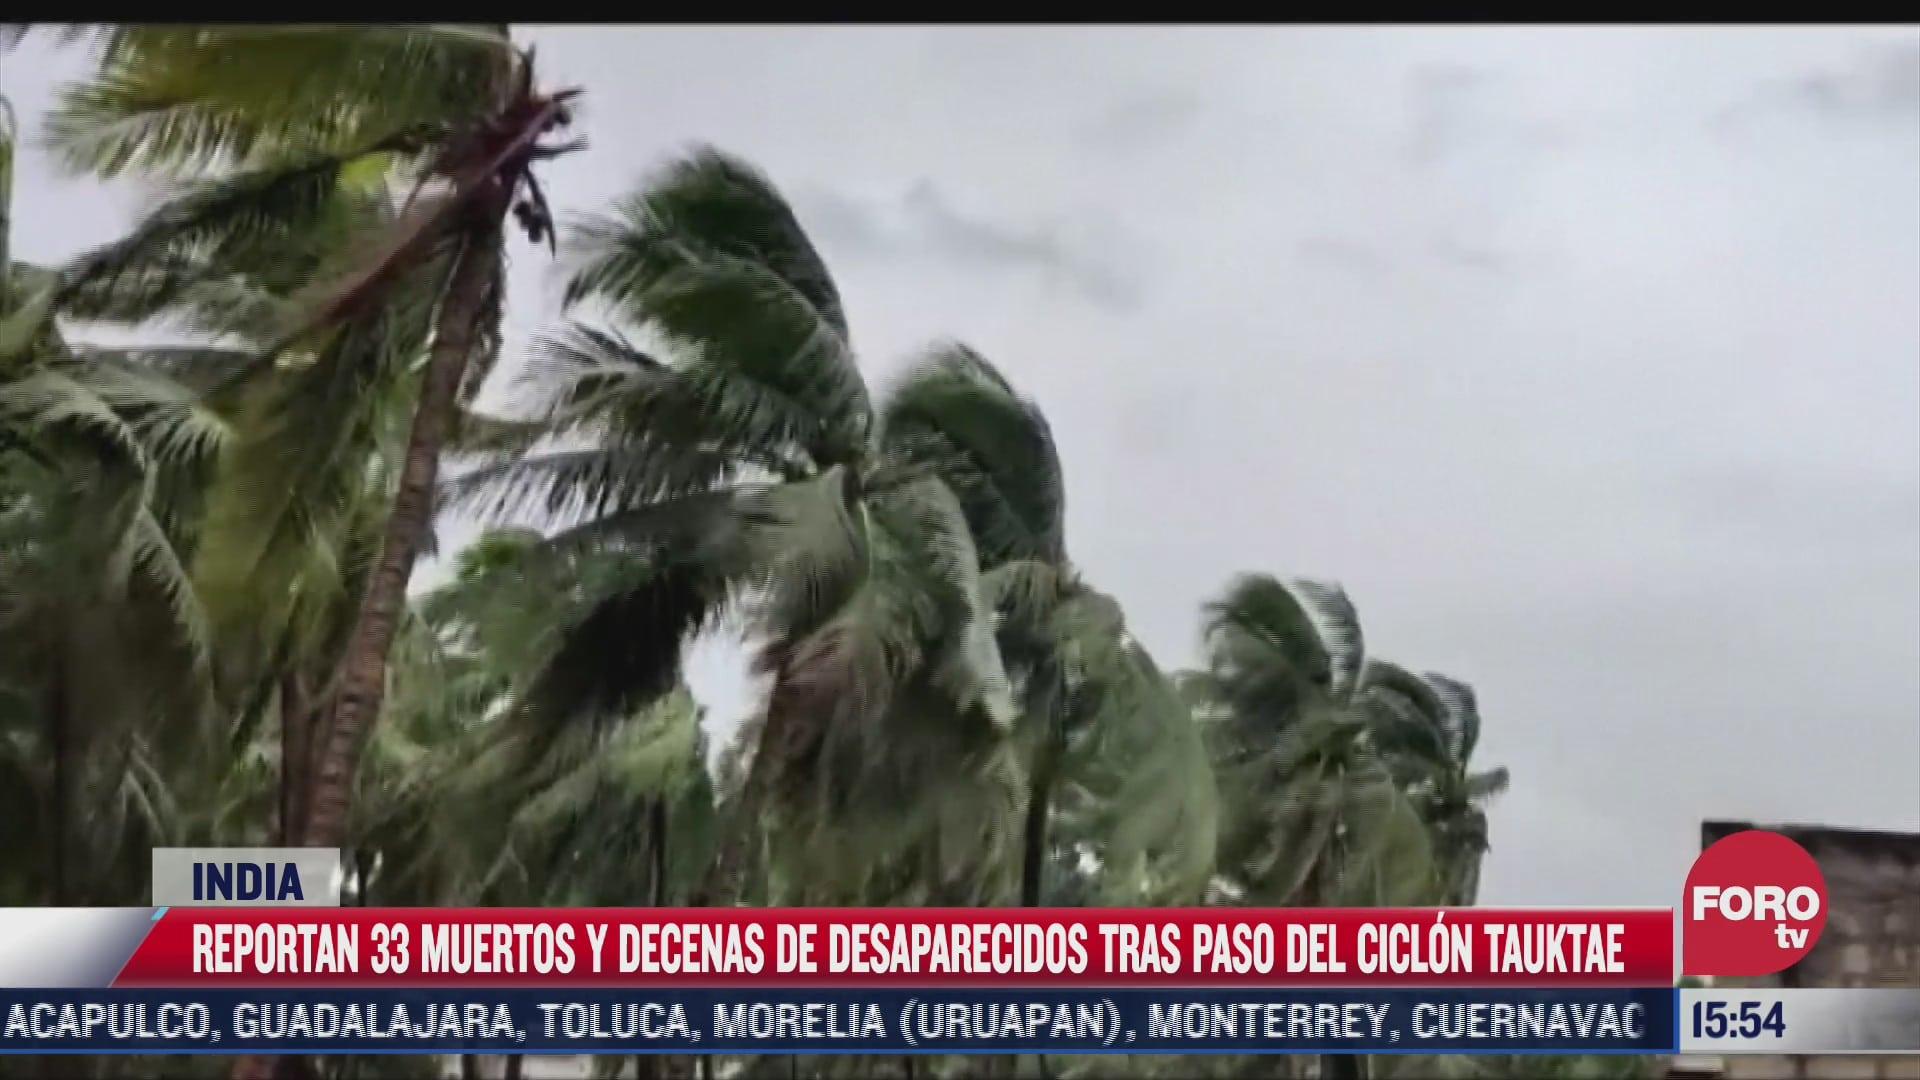 al menos 33 muertos tras paso de ciclon tauktae en india